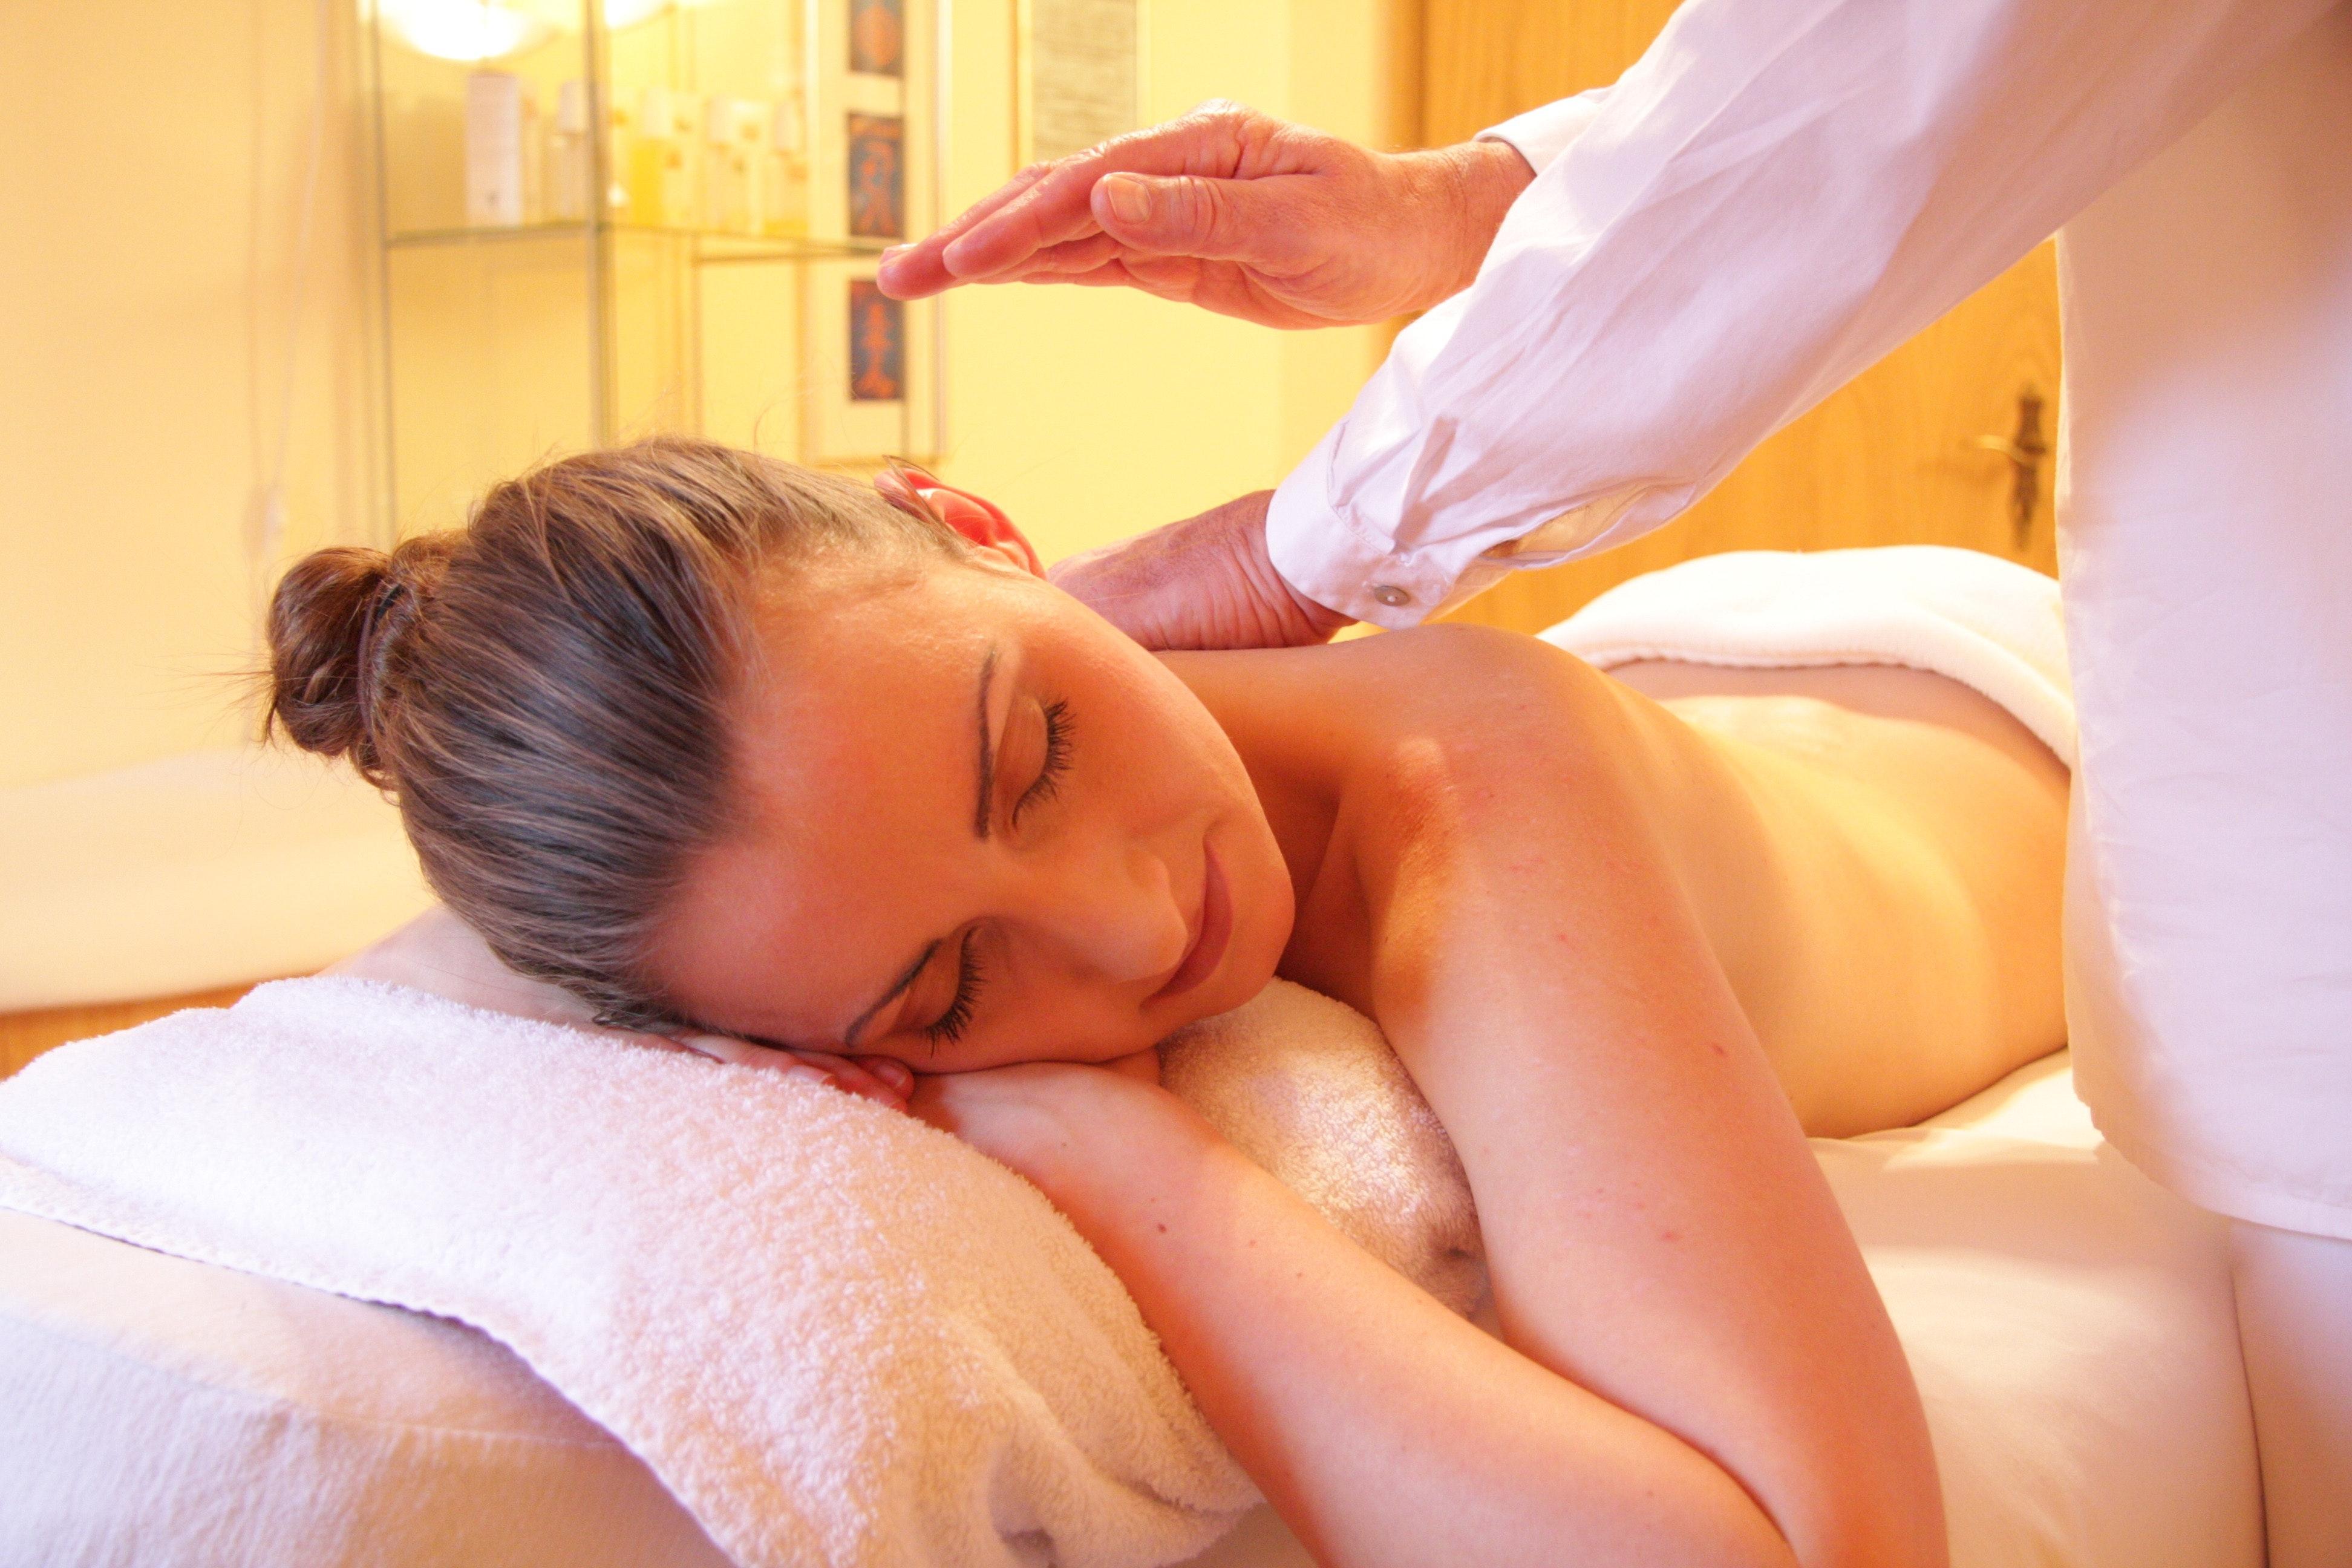 woman at spa treatment